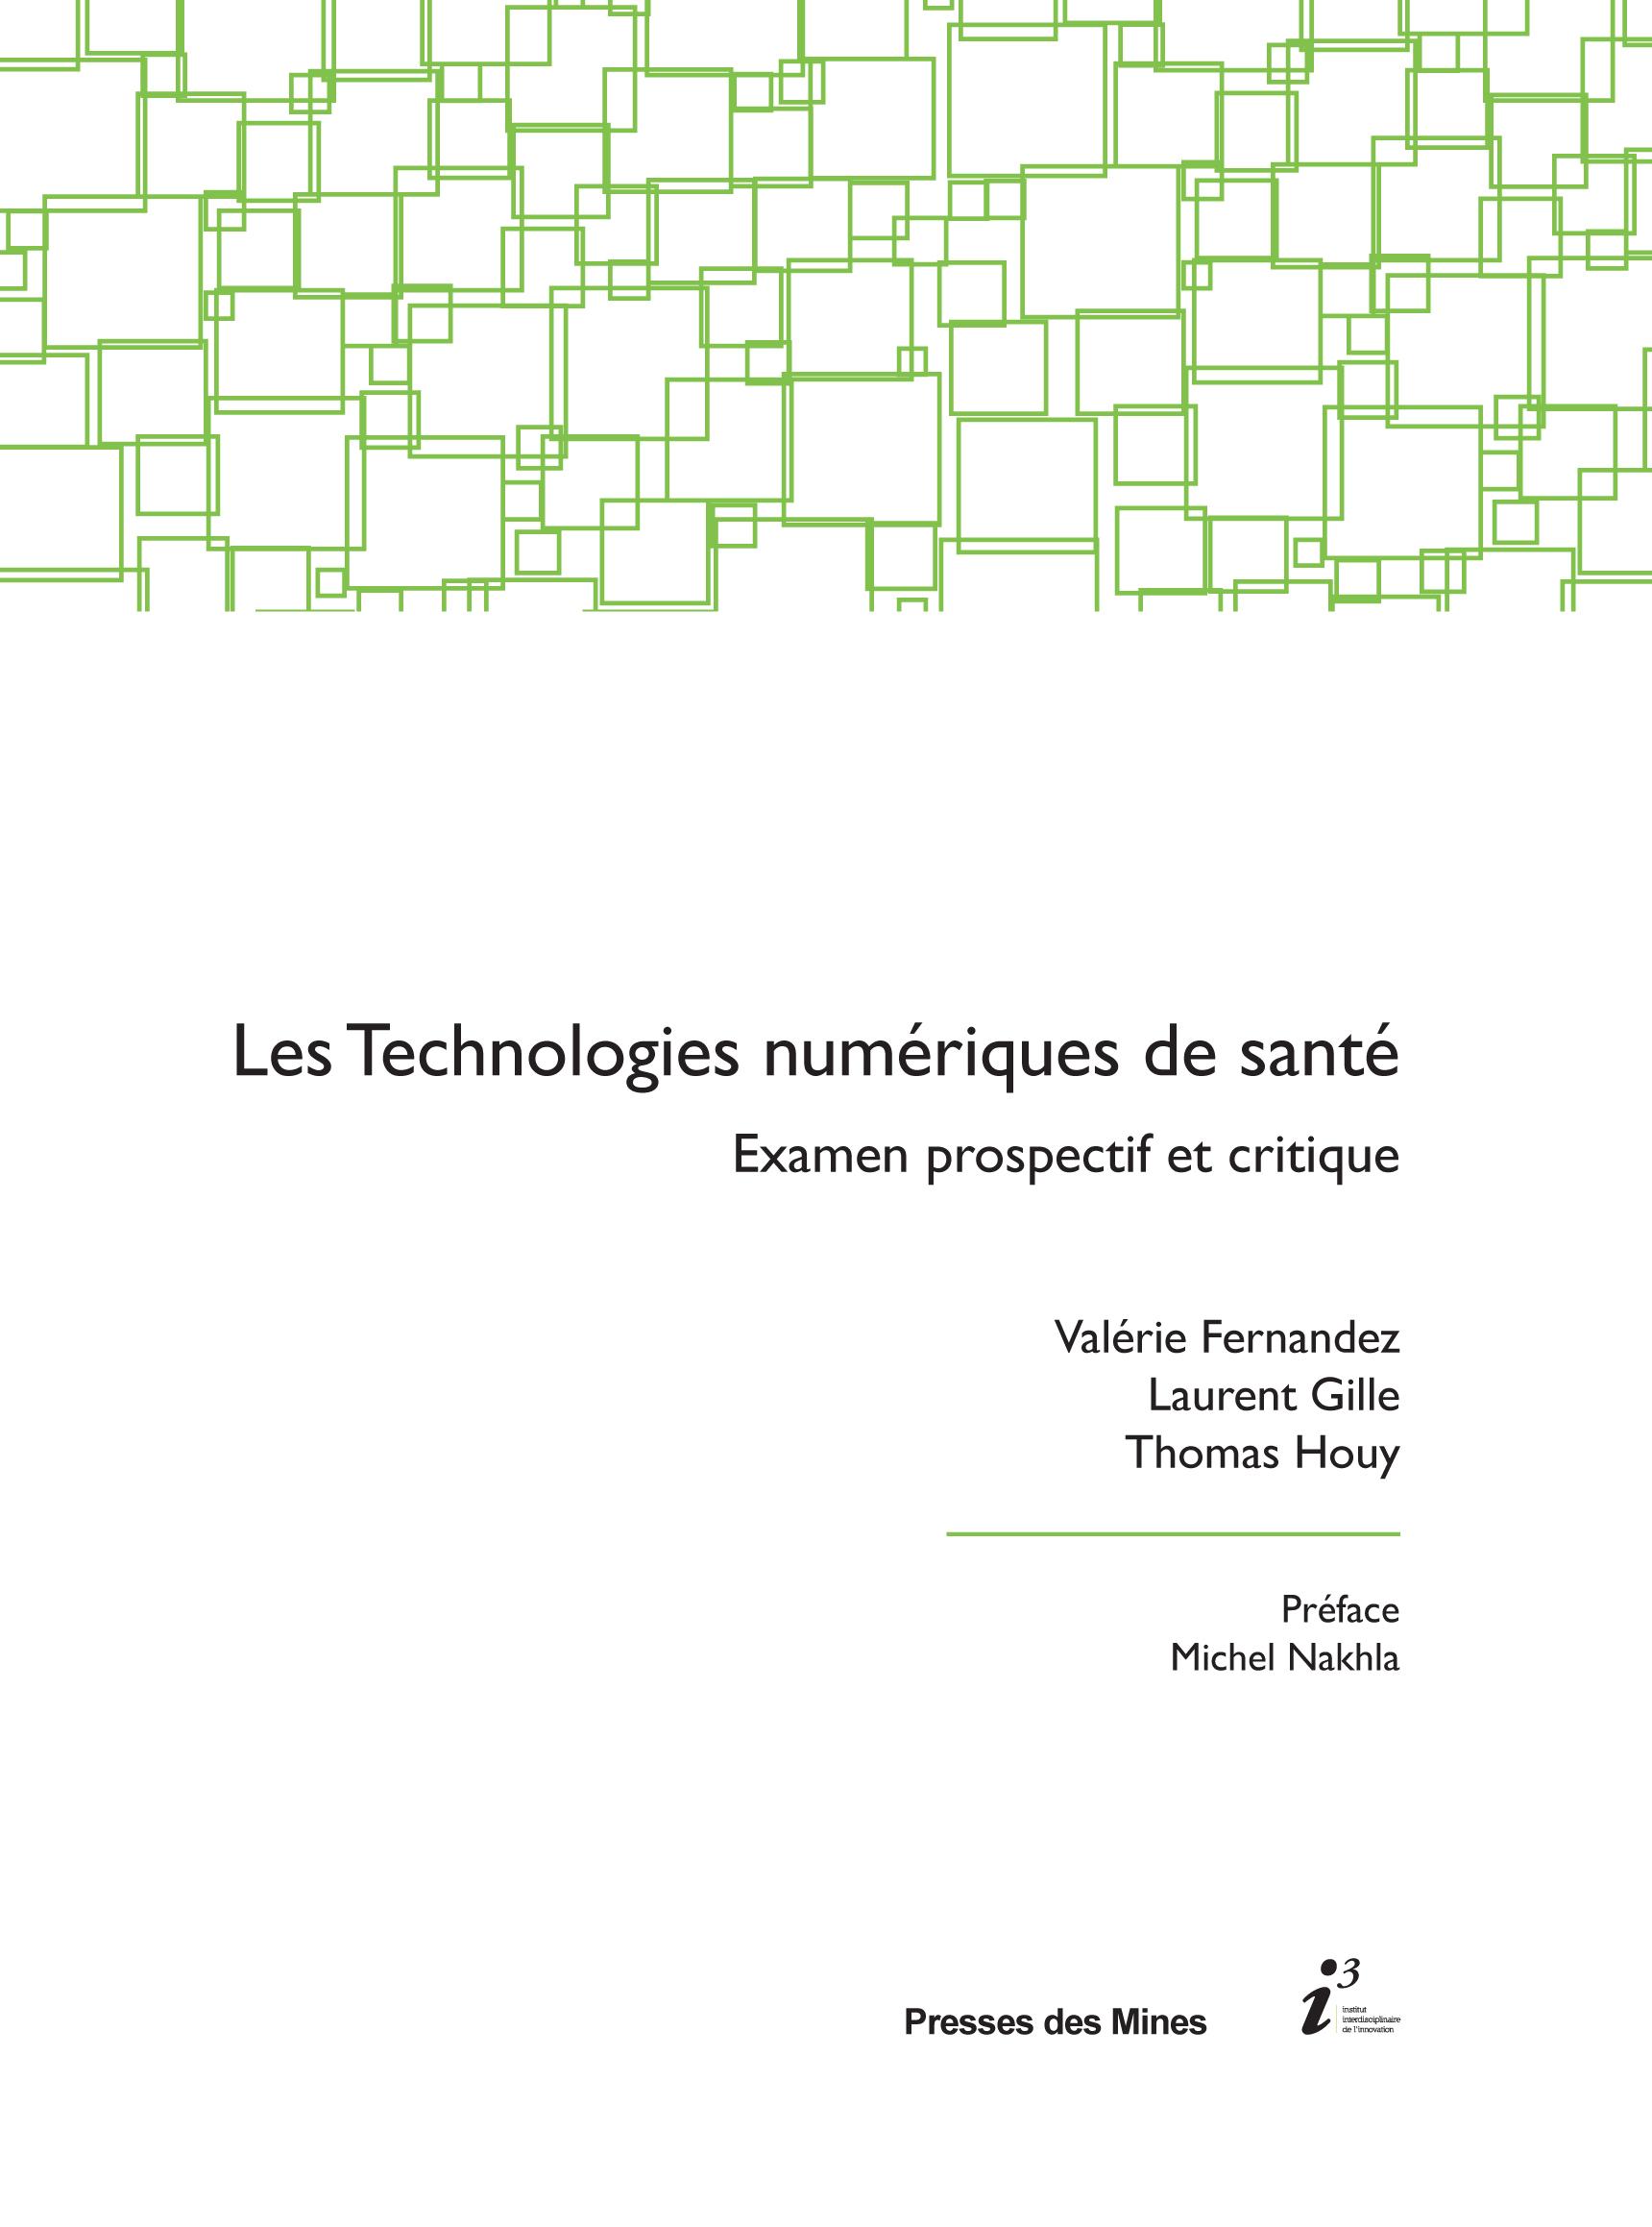 Les Technologies numériques de santé-0